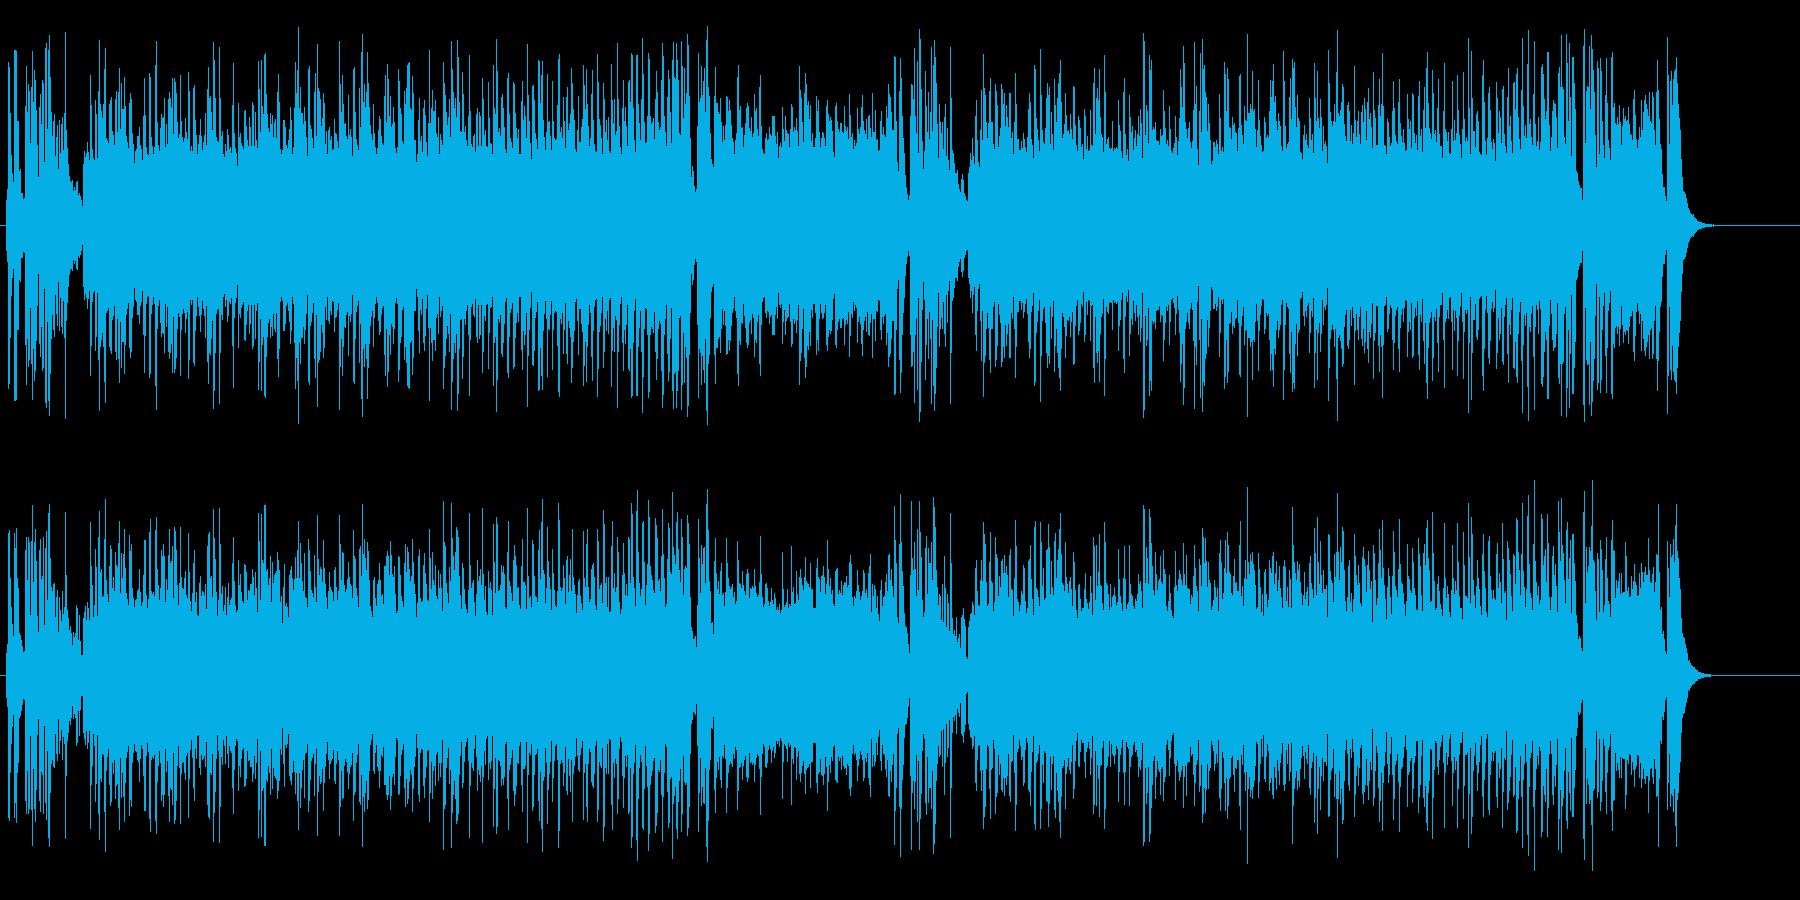 盛りあがり、てんこもりサウンドの再生済みの波形